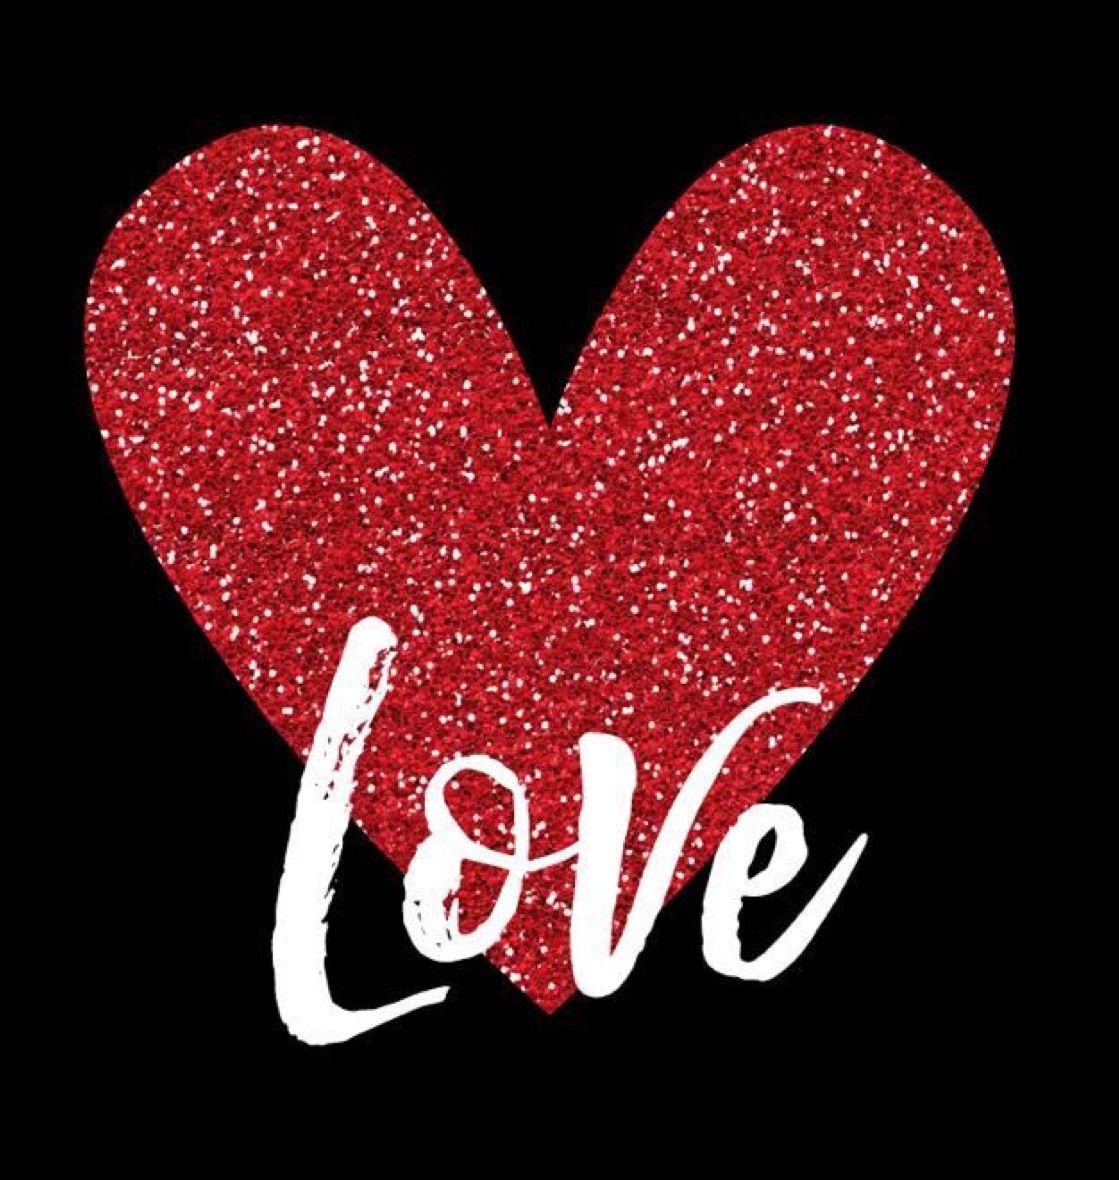 Pin By Dee Mcdaniel On It S As Simple As Black White Valentines Wallpaper Valentines Wallpaper Iphone Heart Wallpaper